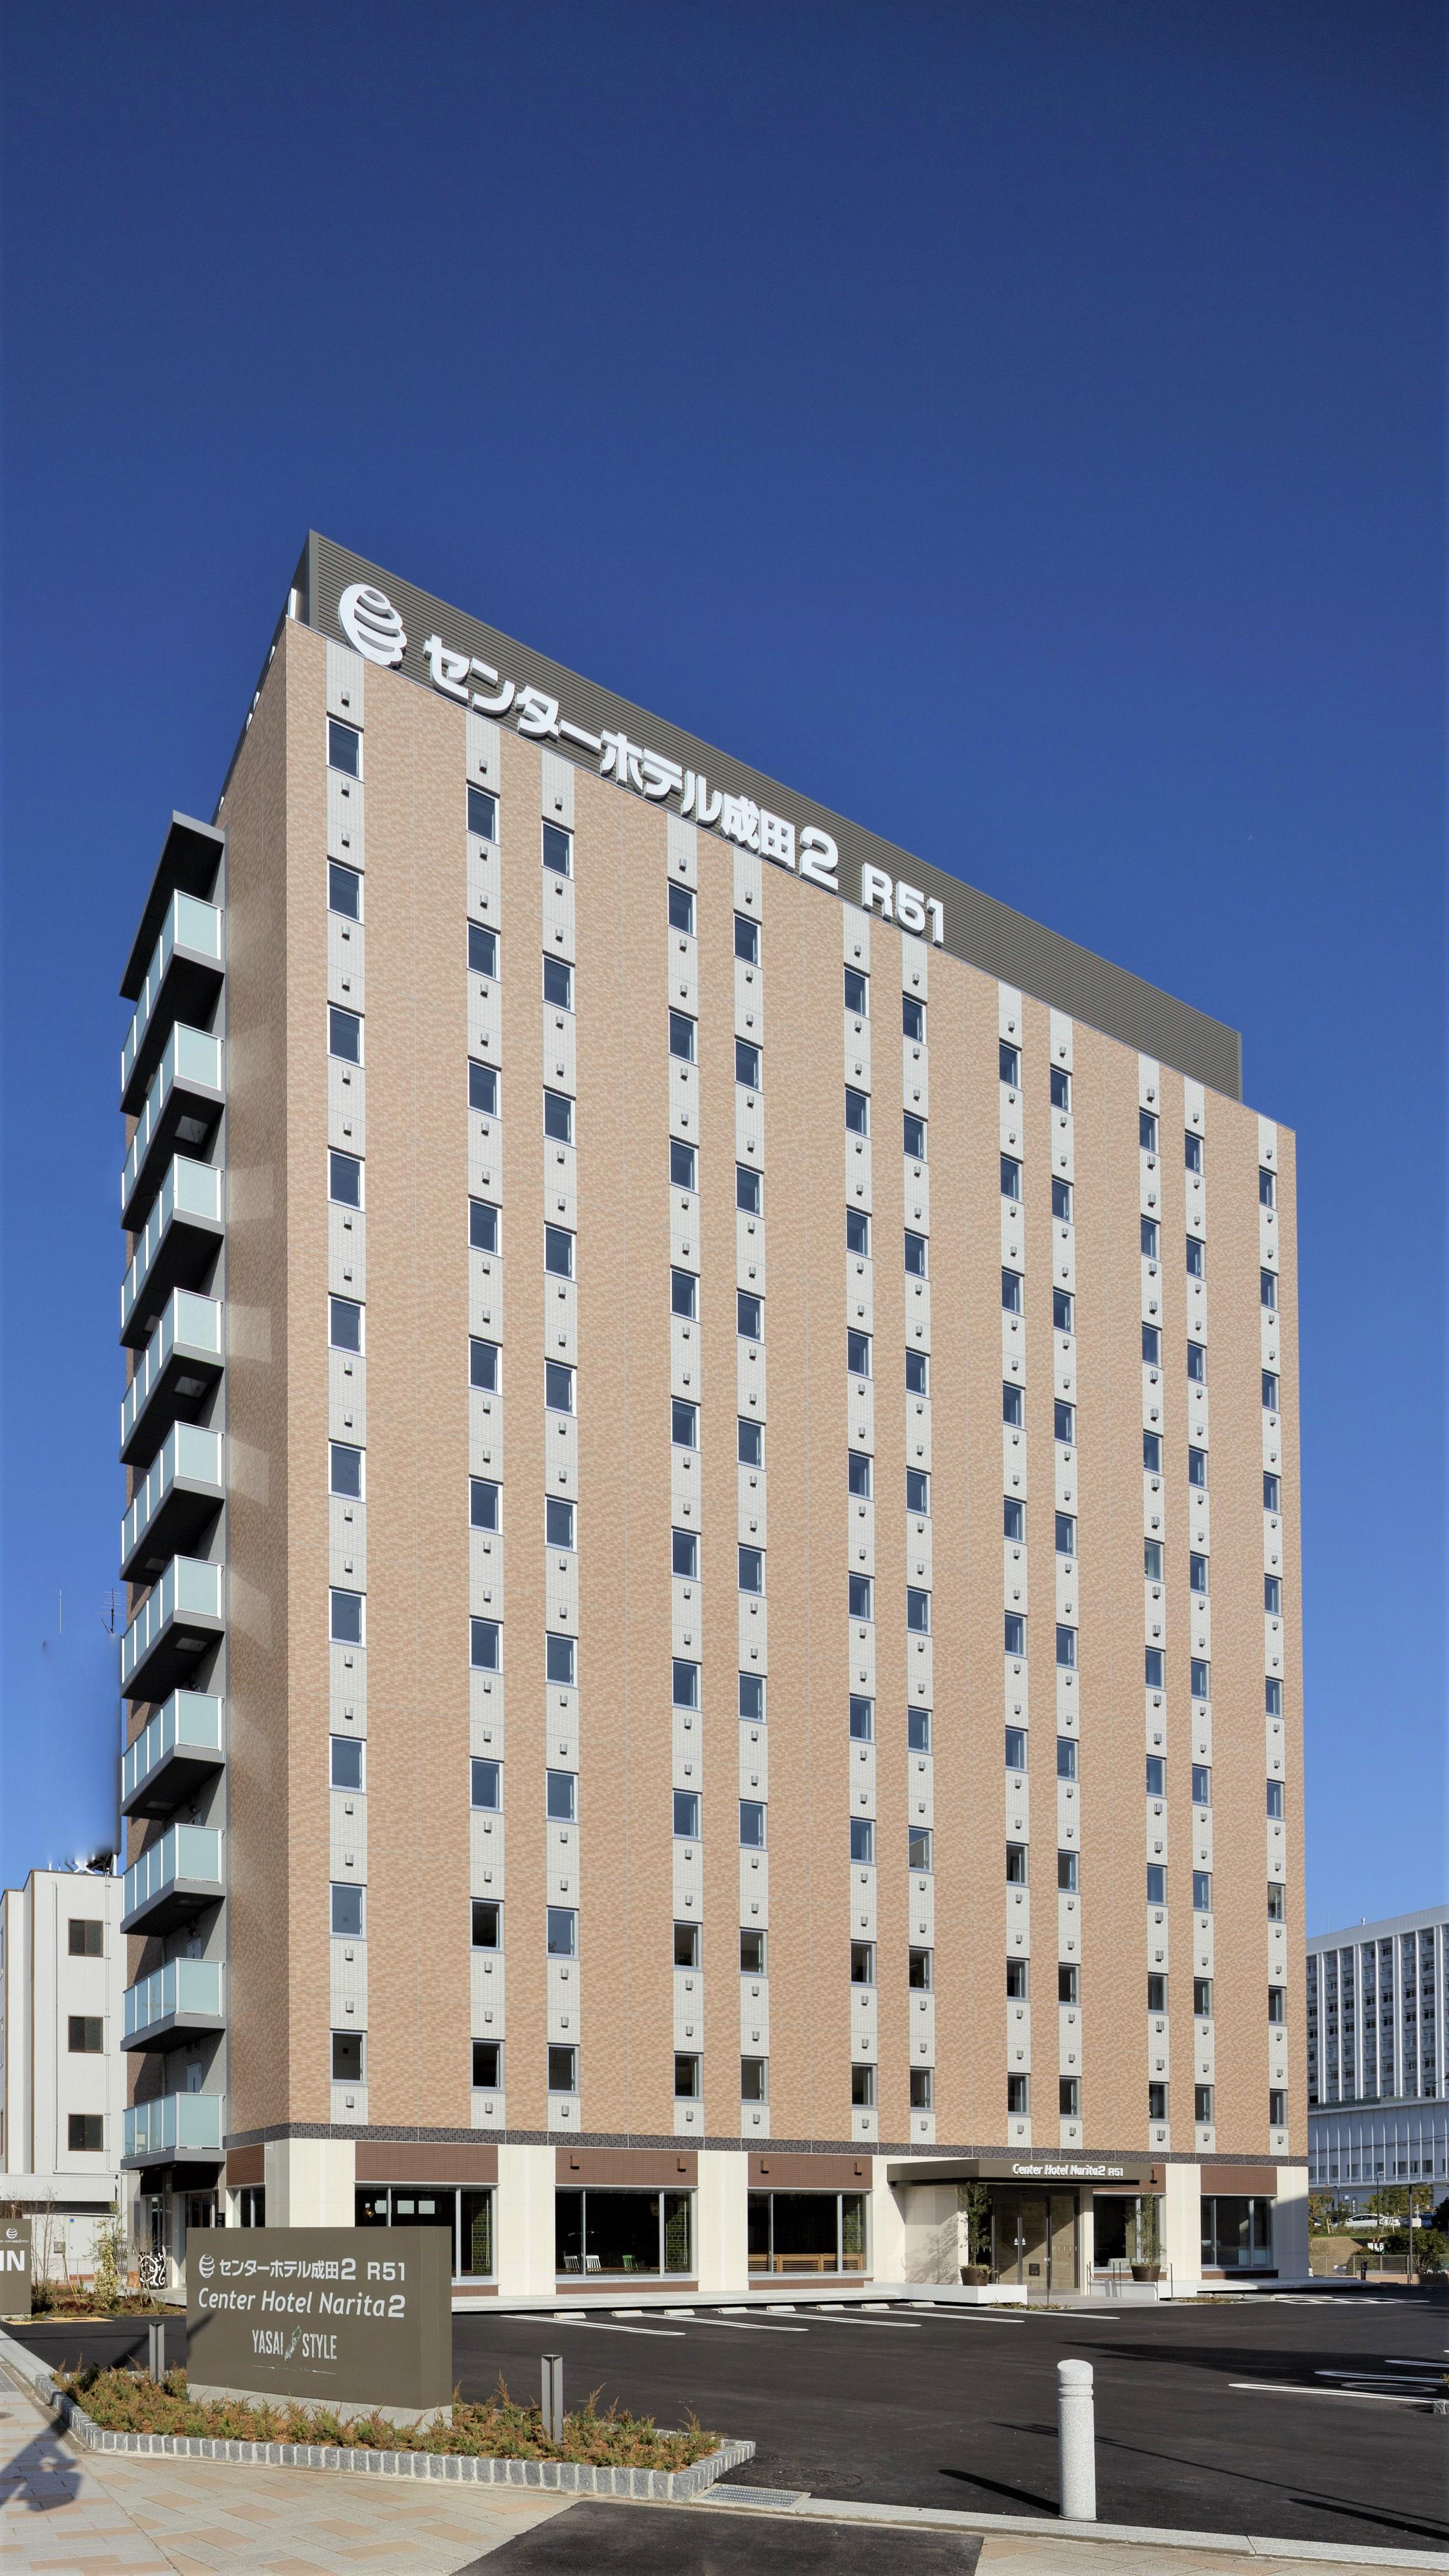 センターホテル成田2 R51 image